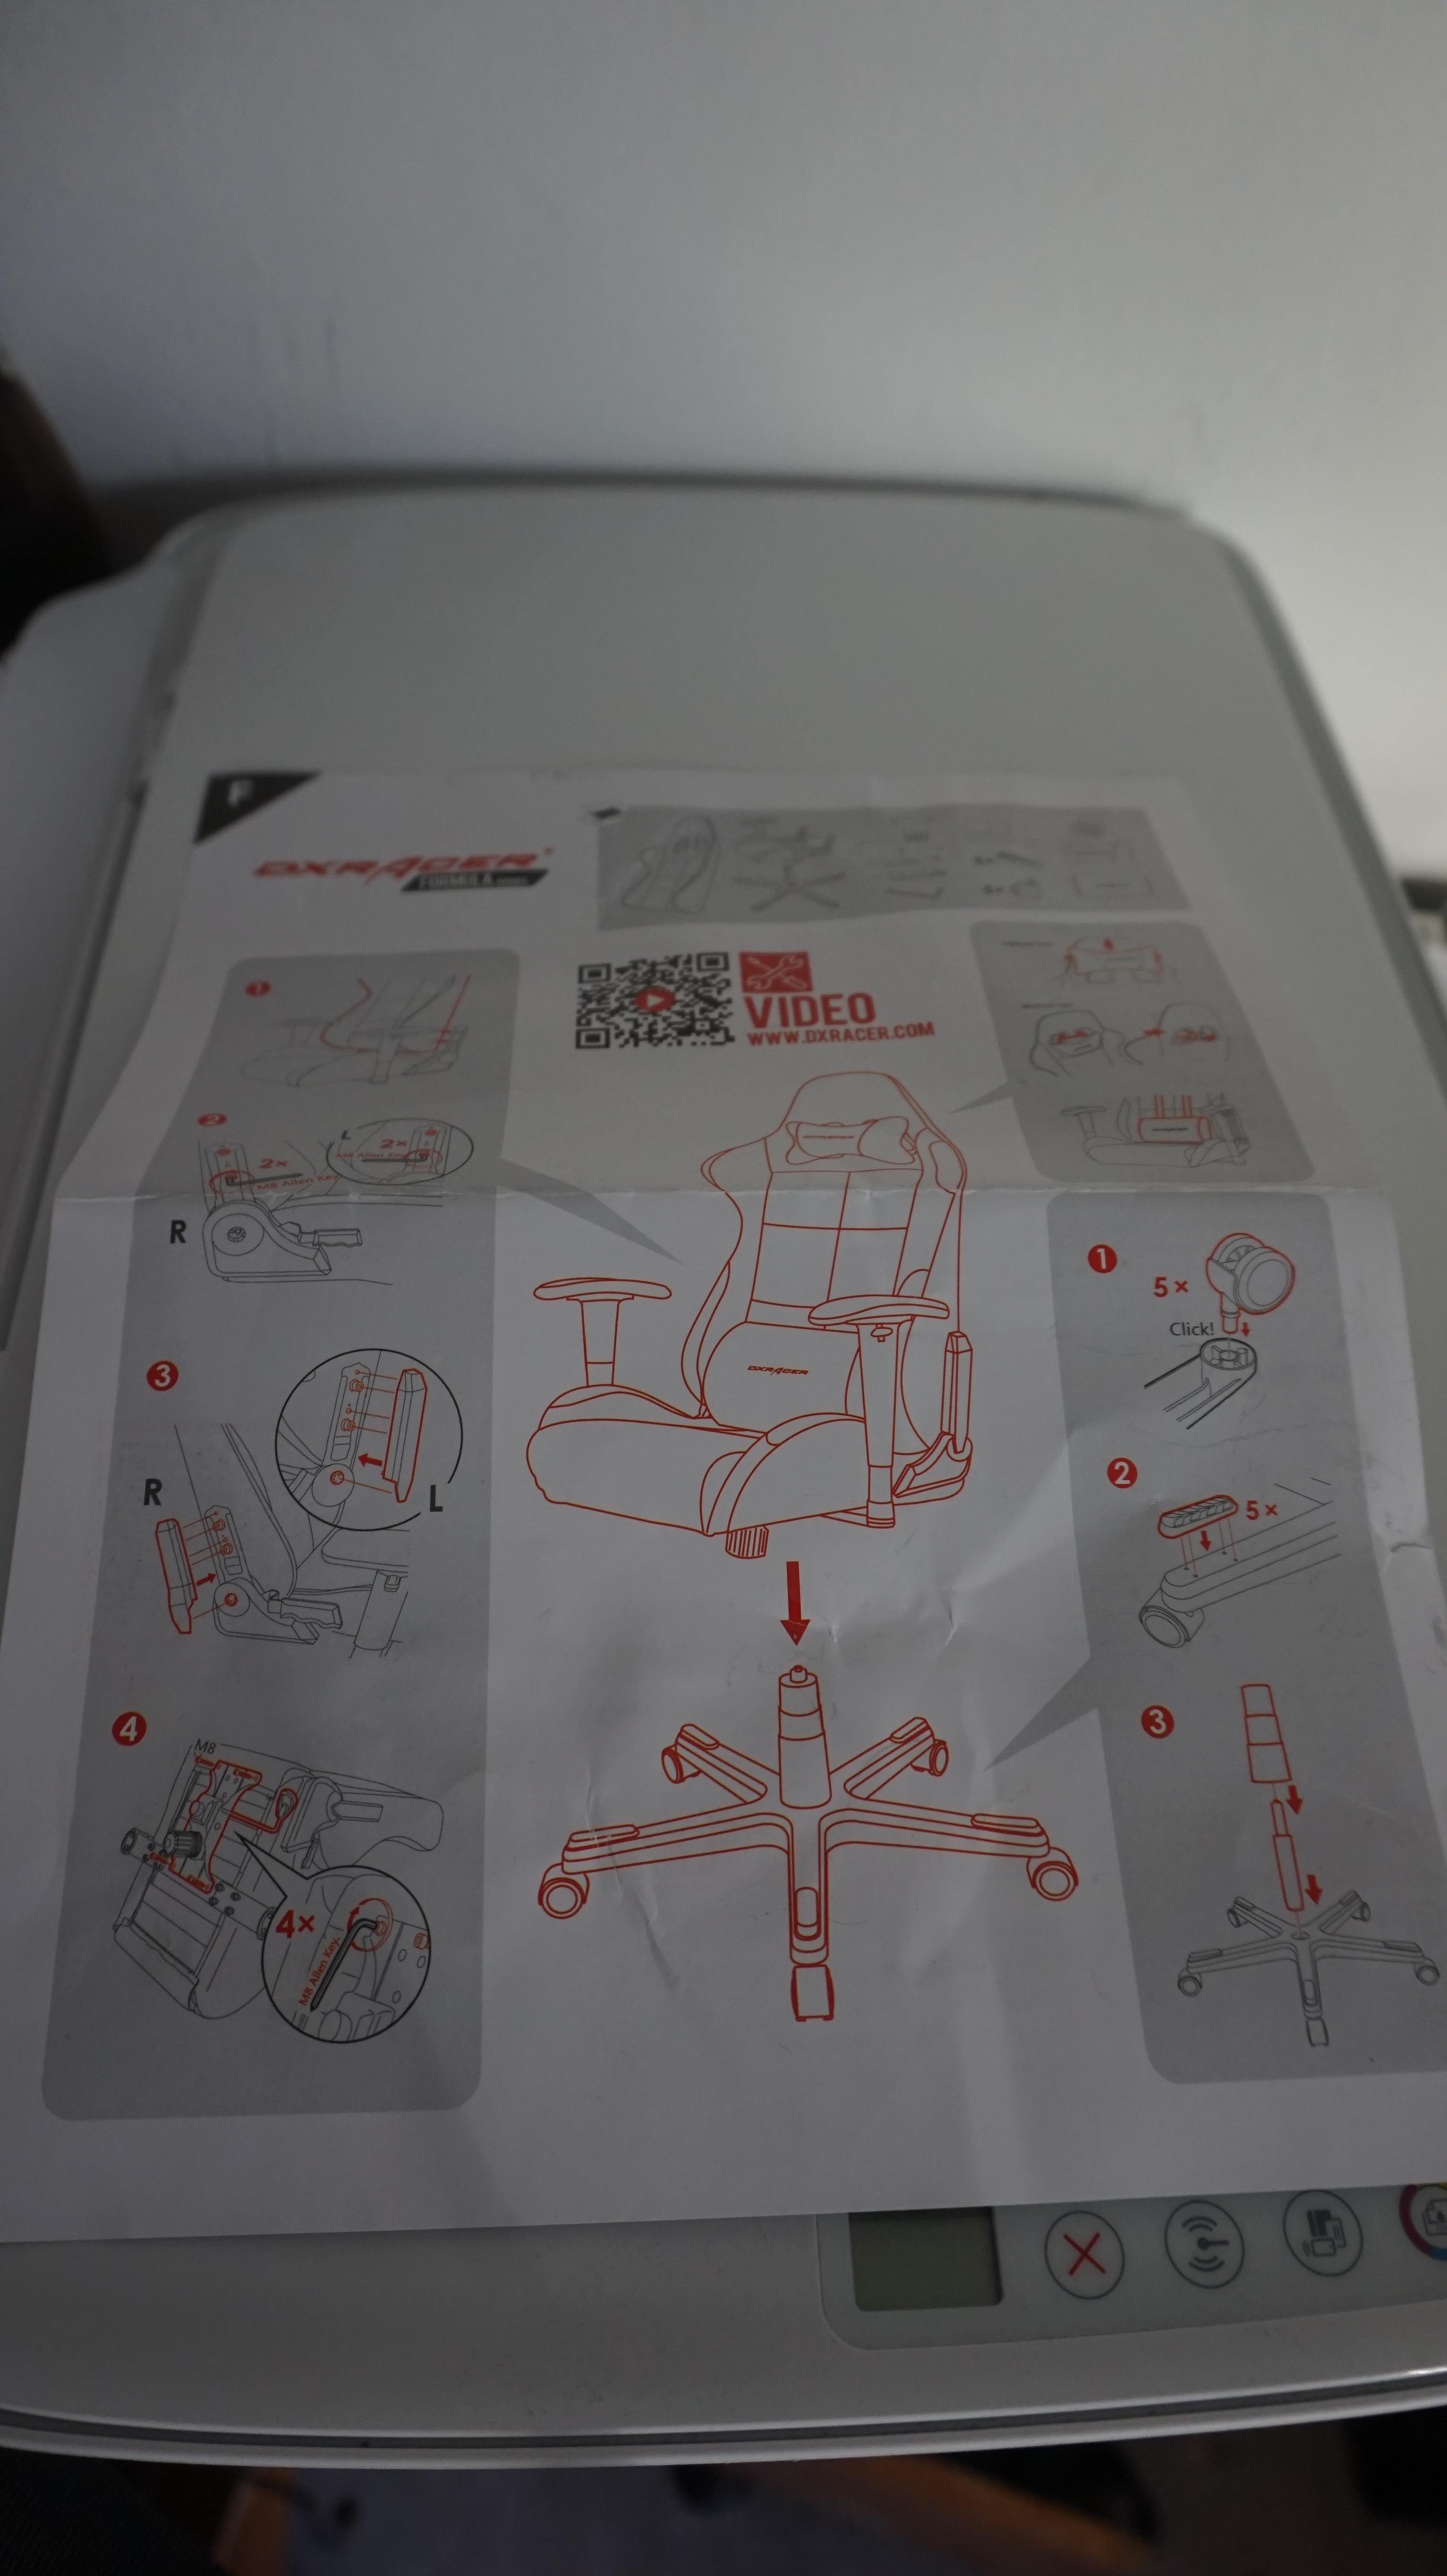 Bedienungsanleitung DX Racer 1